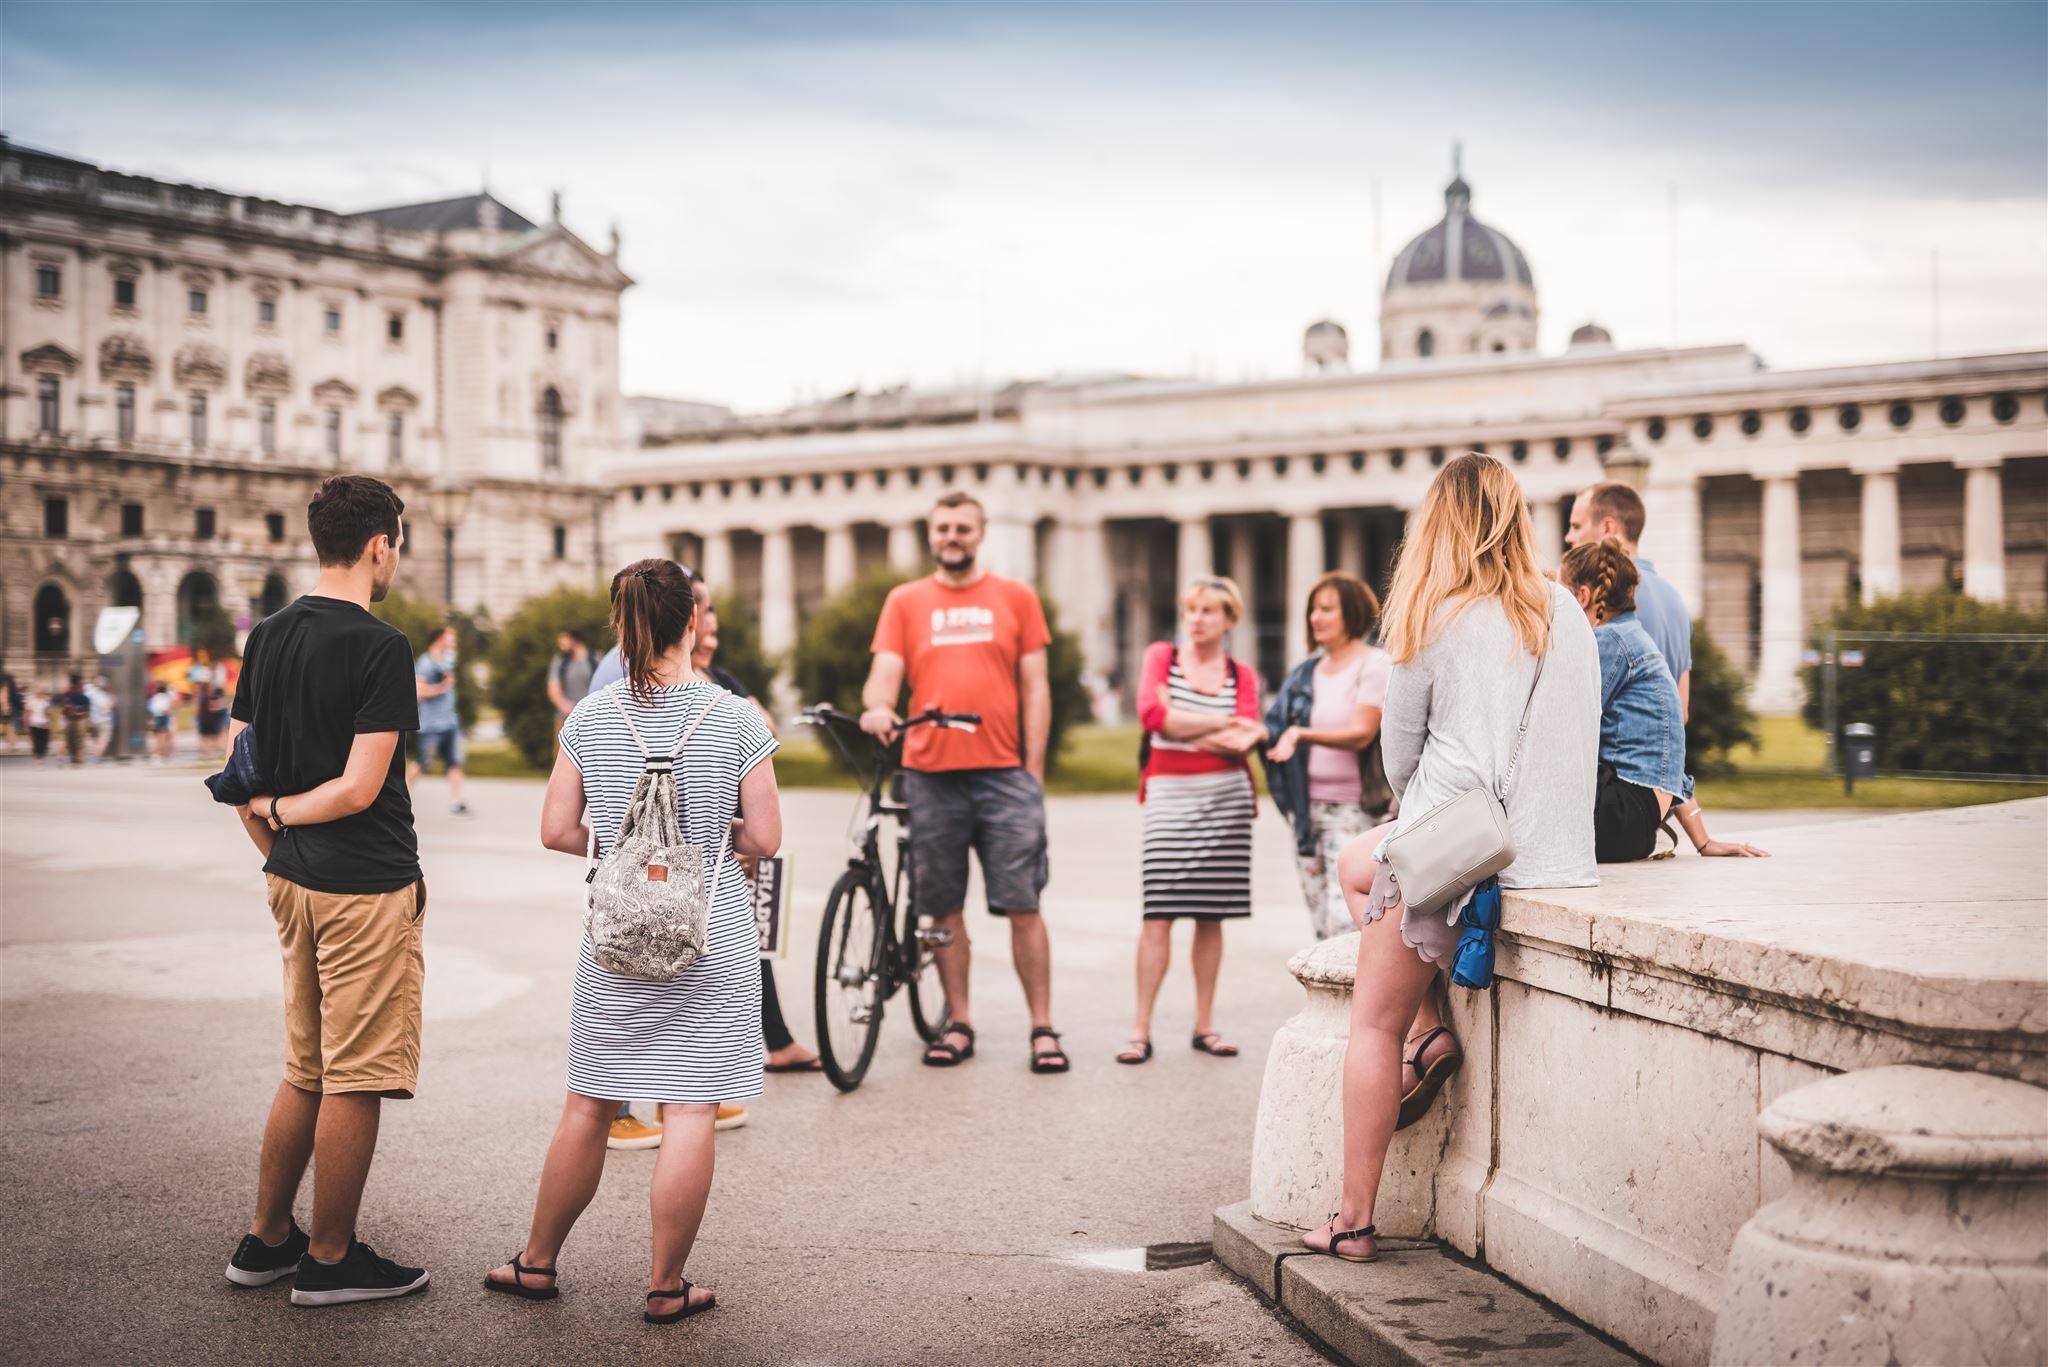 Tour geführt von Obdachlosen in Wien